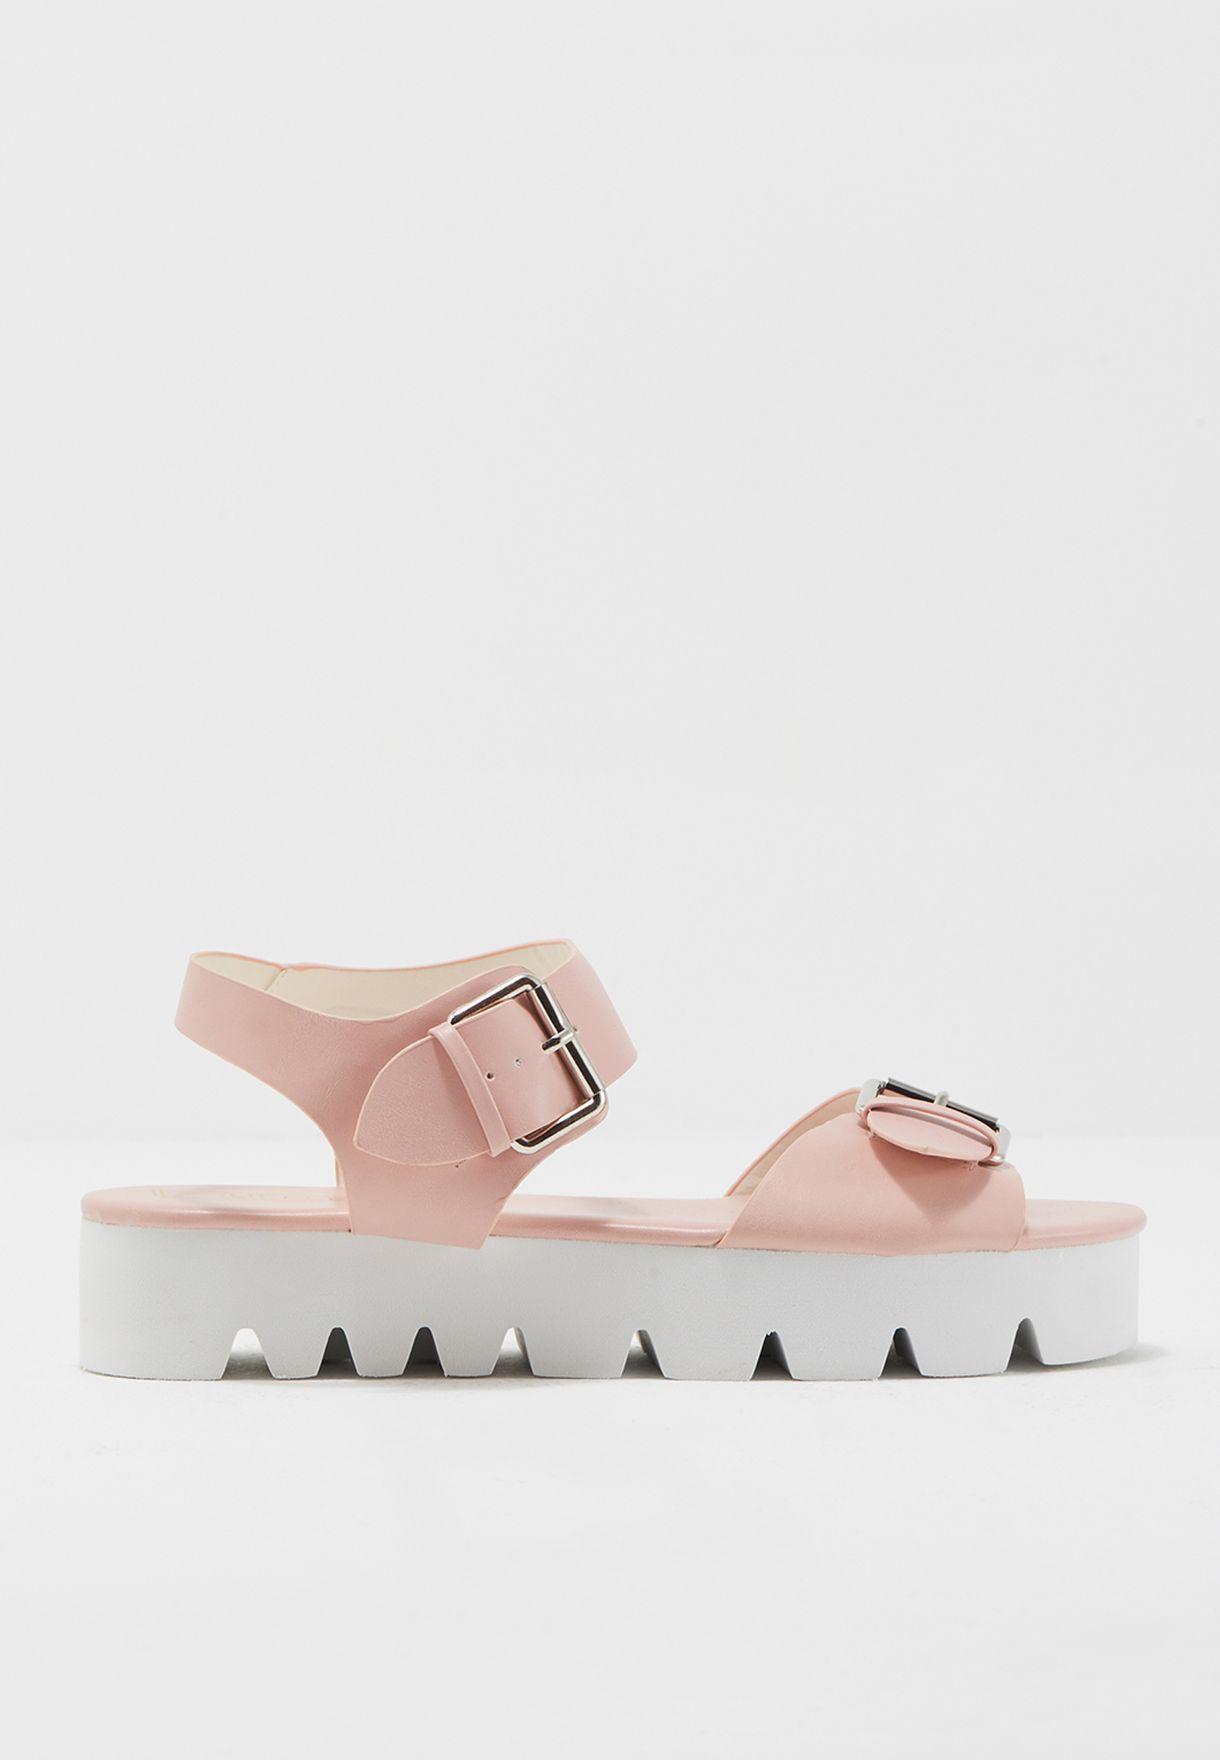 حذاء بتصميم مميز